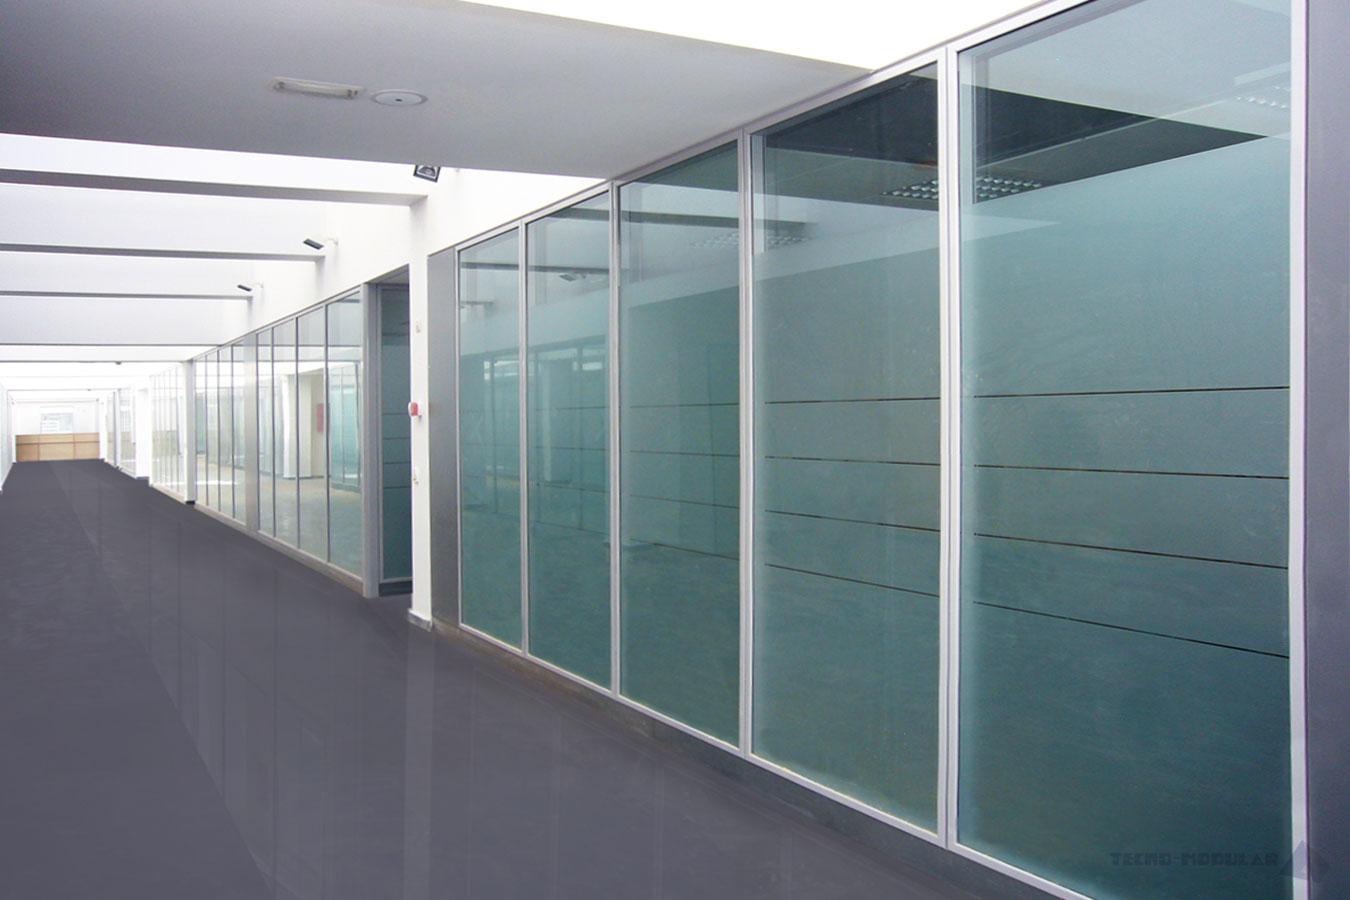 Instalaci n de cerramientos de cristal cerramientos - Cerramientos plegables de vidrio ...